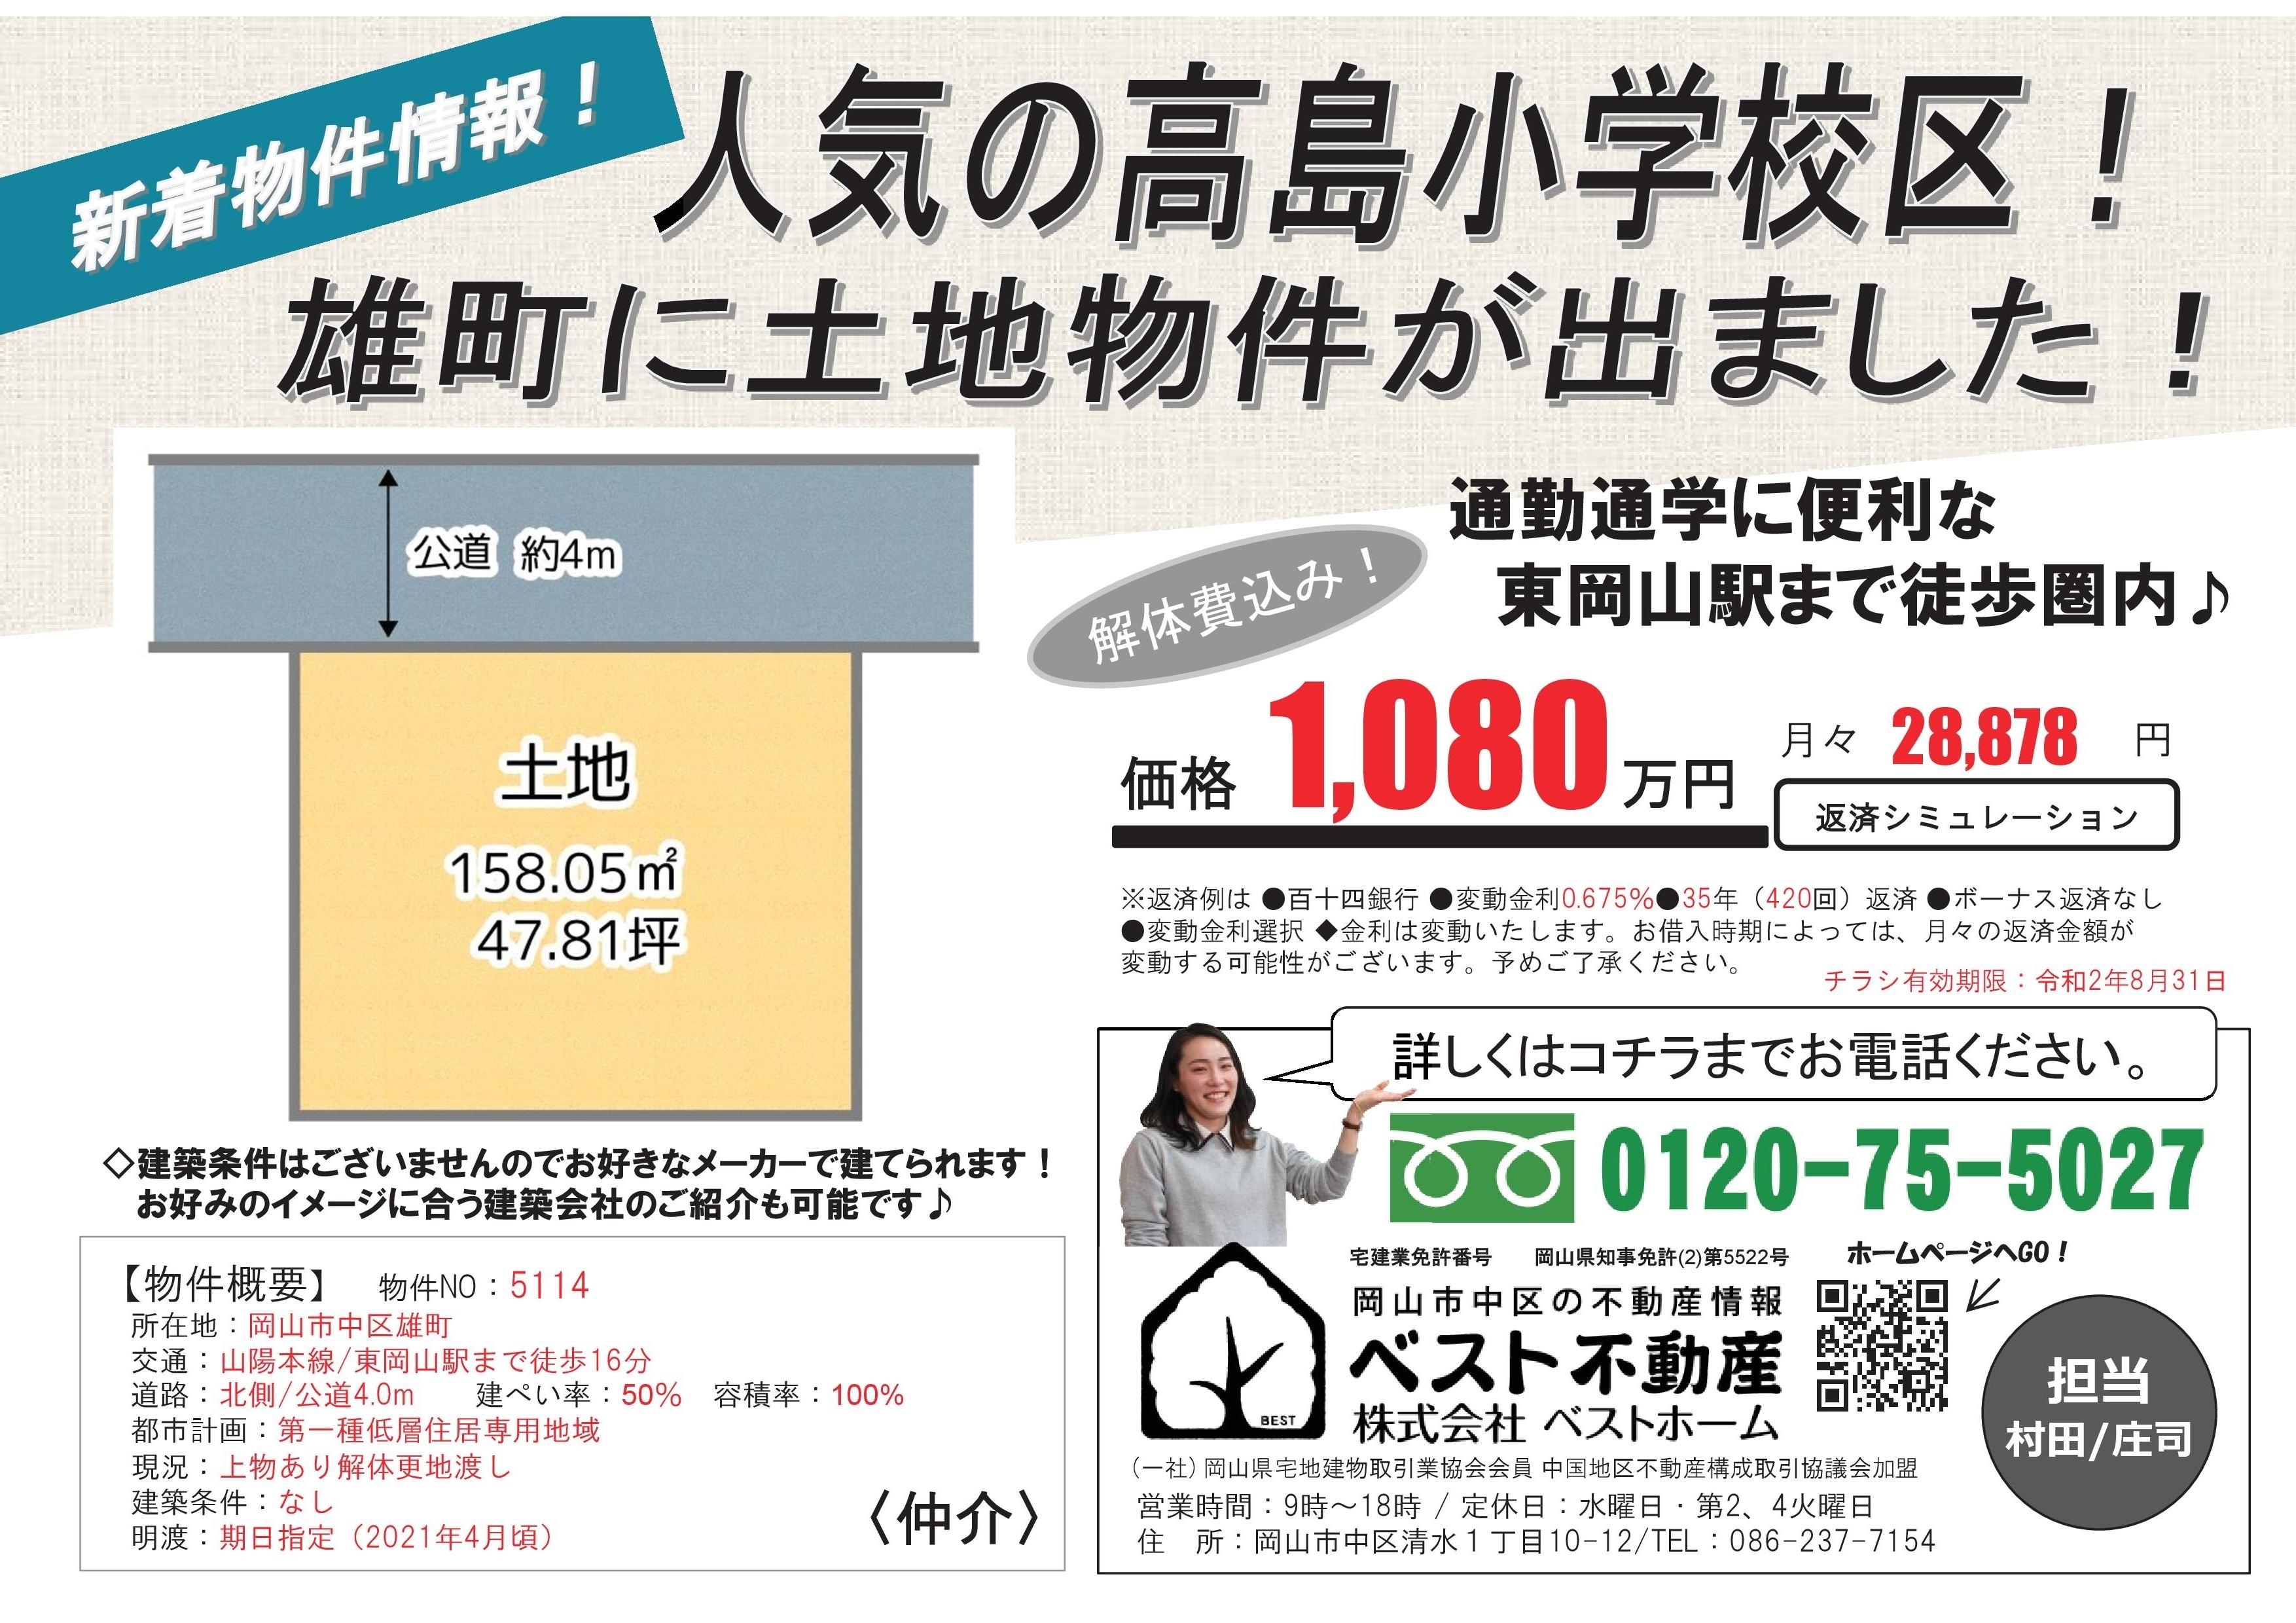 雄町1080万